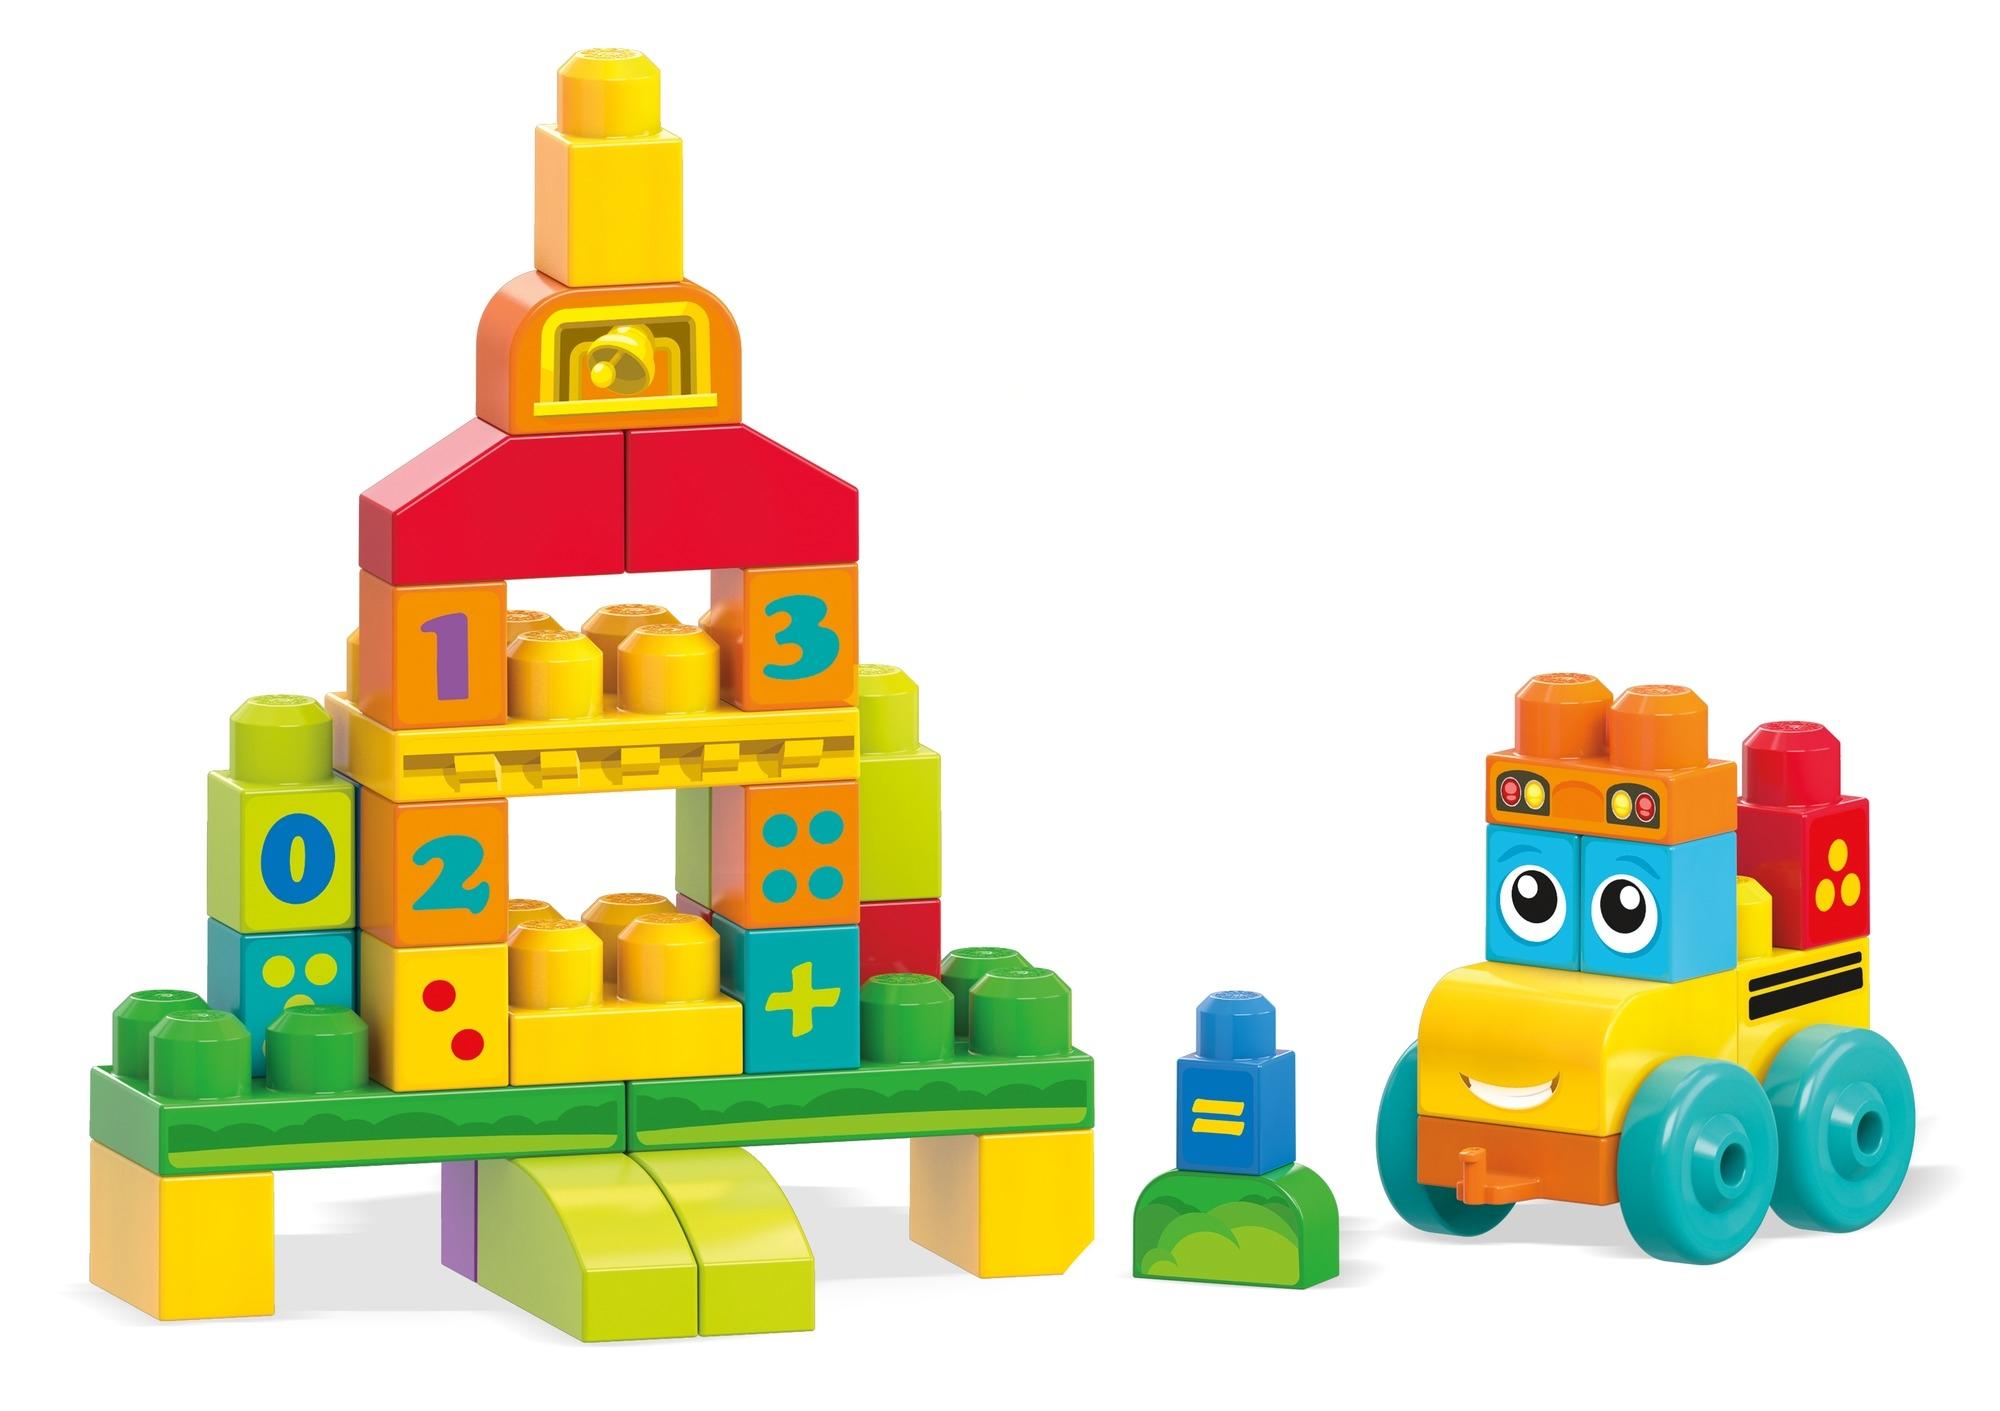 Фото - Конструкторы для малышей Mega Bloks Обучающий автобус с цифрами FBM80 mega bloks mega bloks конструктор обучающий для малышей разные формы